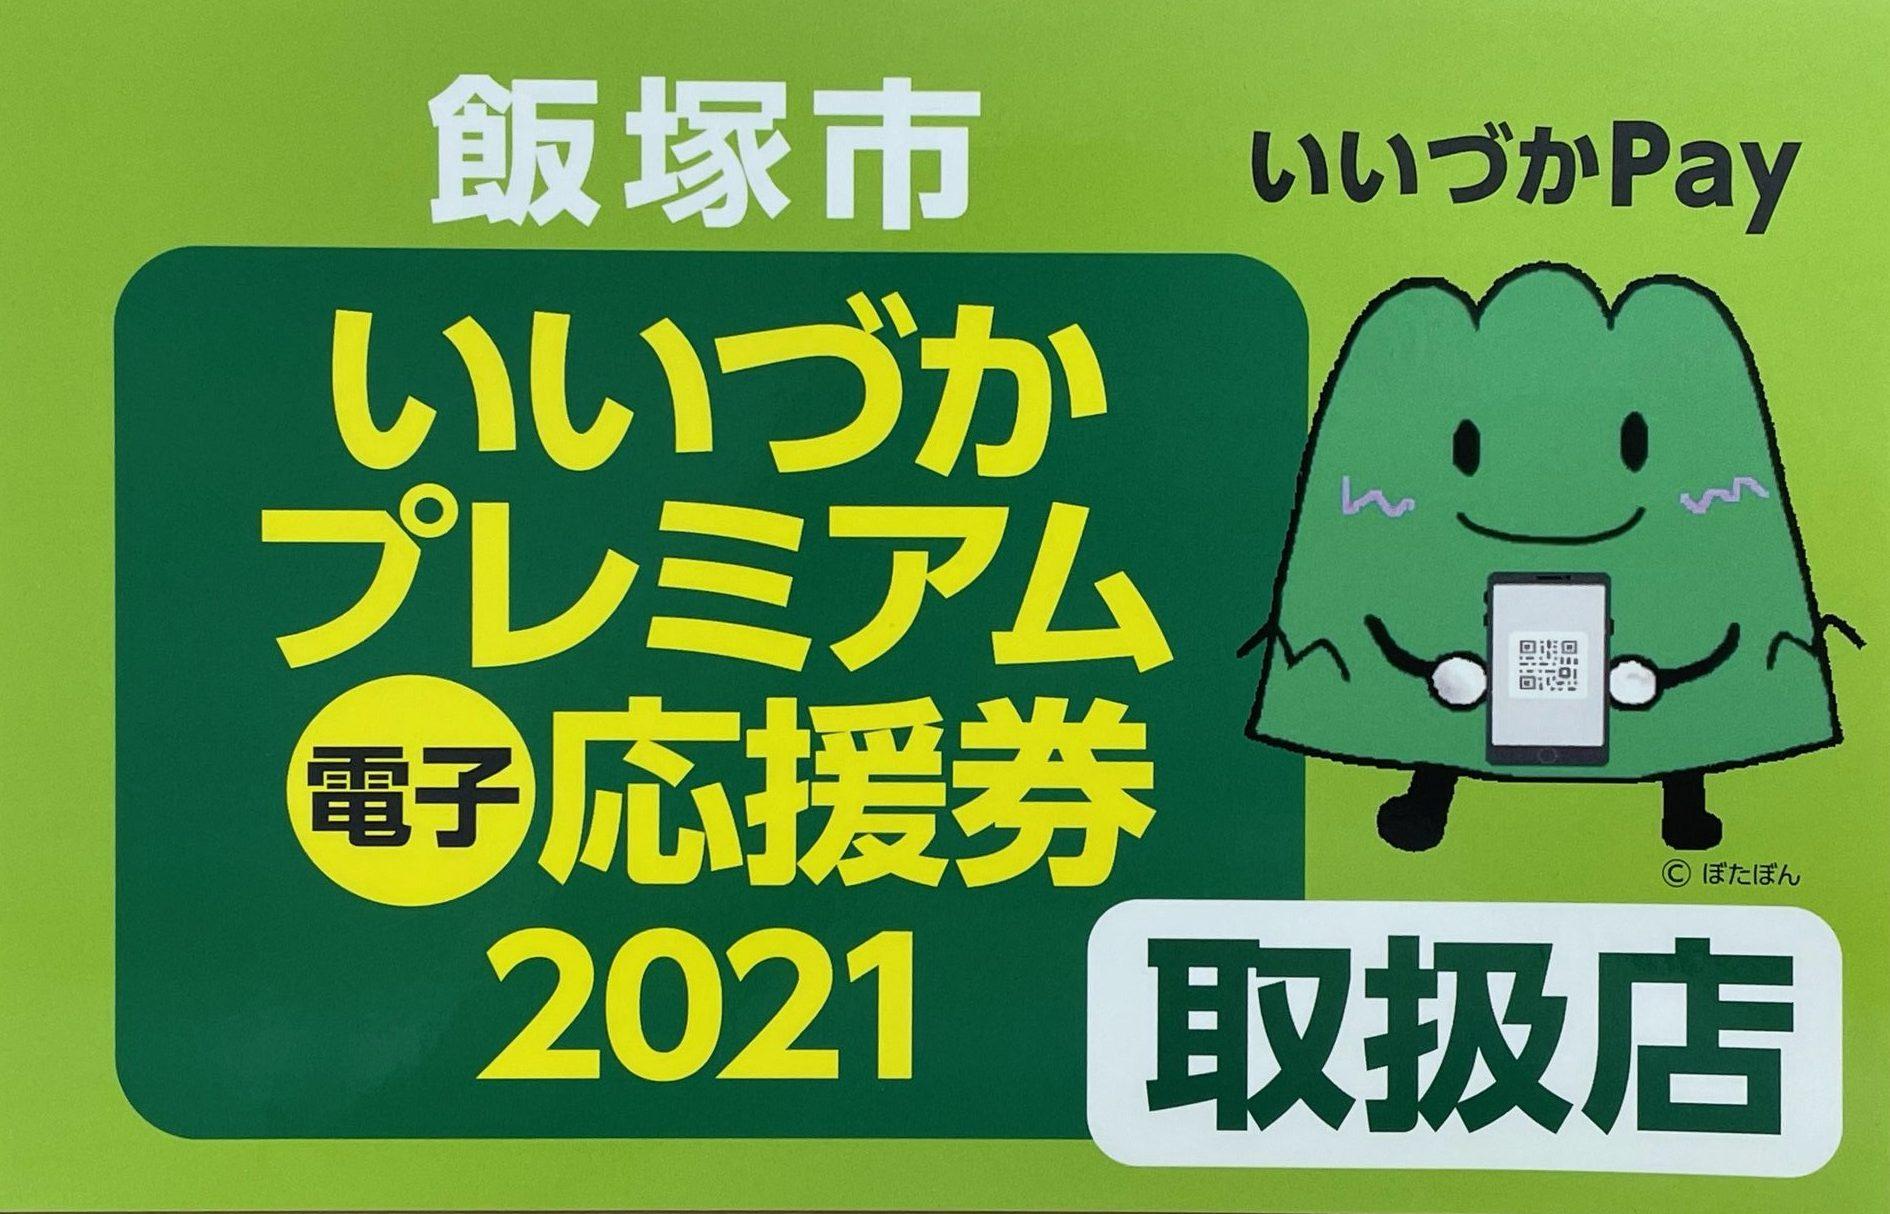 飯塚市にお住まいの方にお知らせです